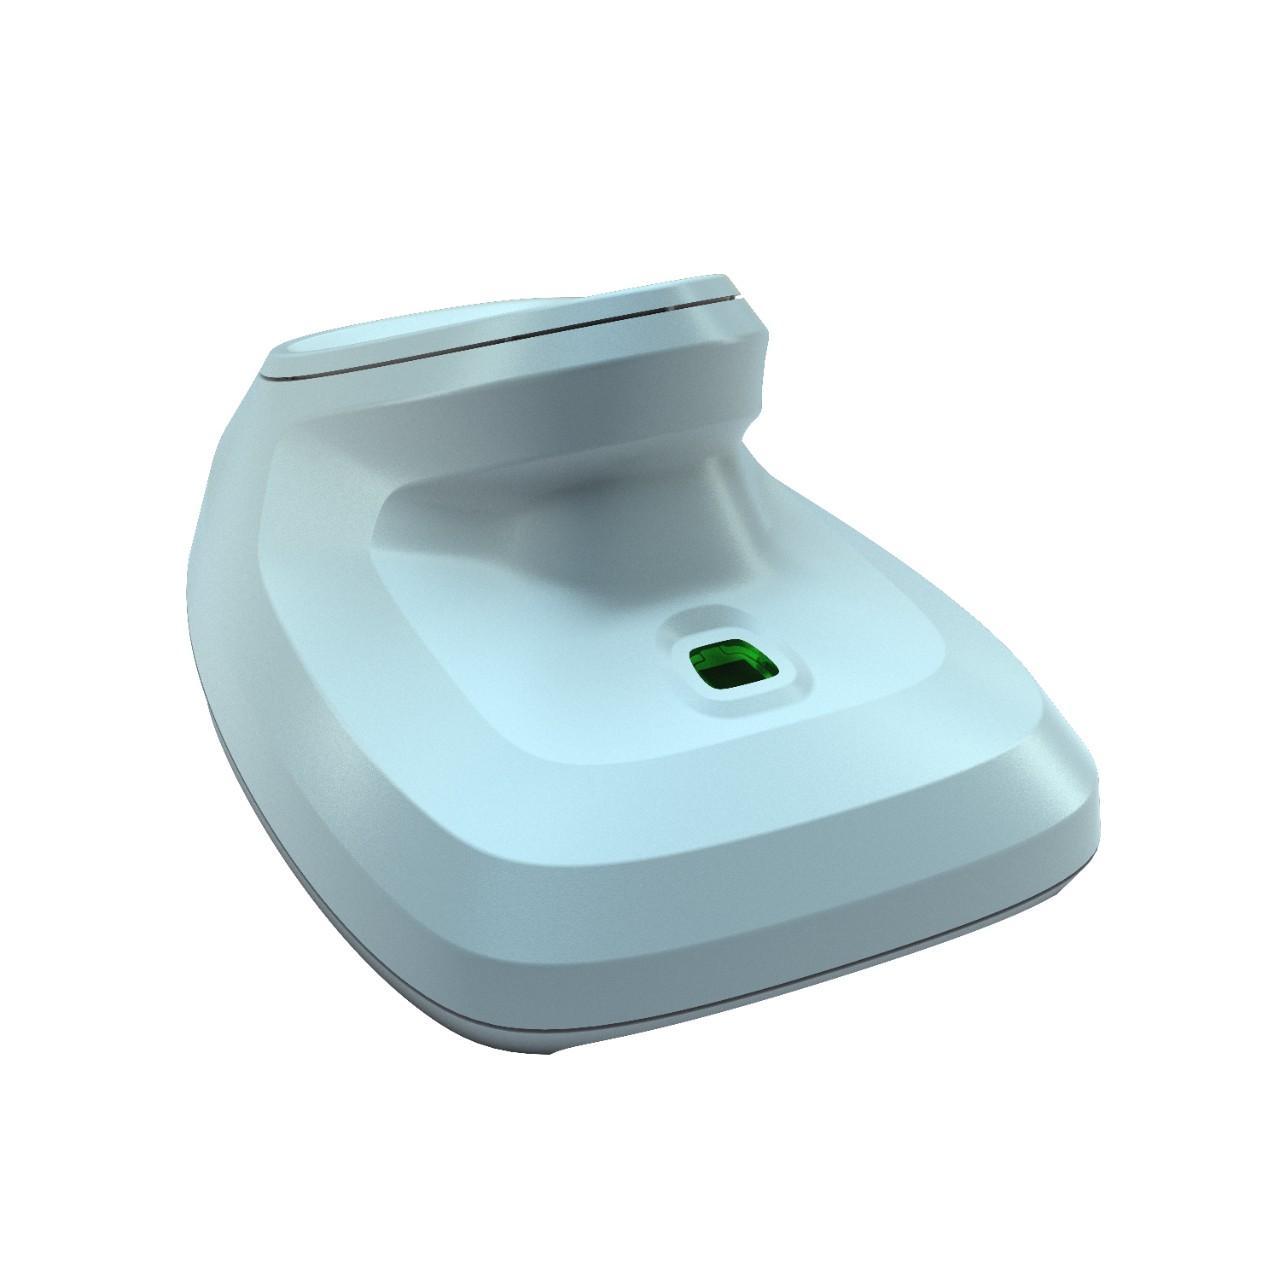 бяла стойка на безжичен баркод скенер Zebra DS2278 Bluetooth поглед отстрани